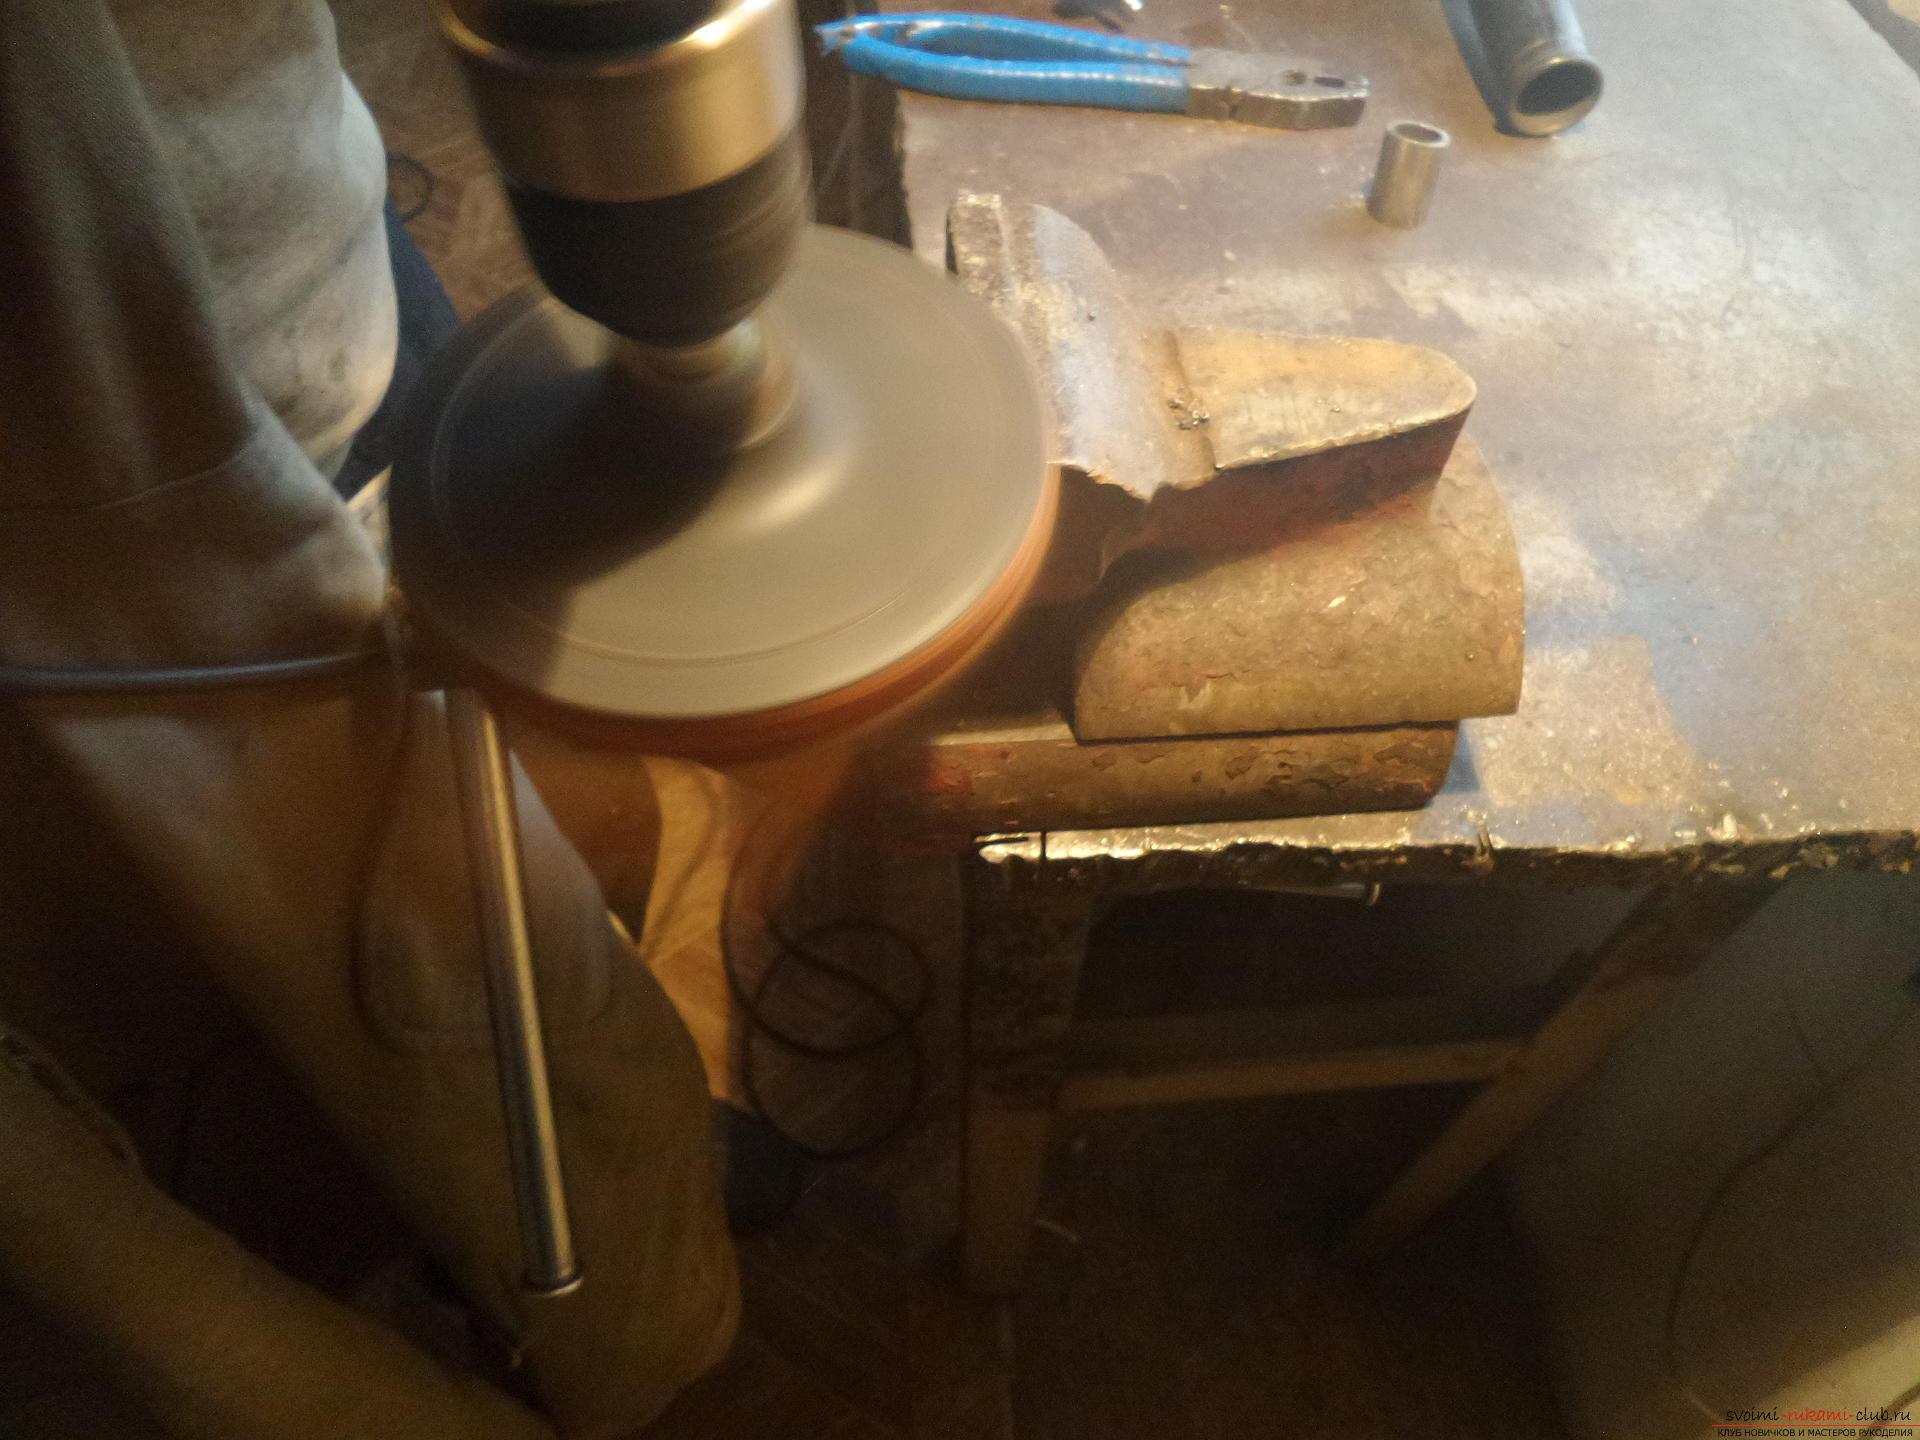 Этот мастер-класс научит как своими руками сделать необычный брелок для ключей - железный скворечник. Фото №7